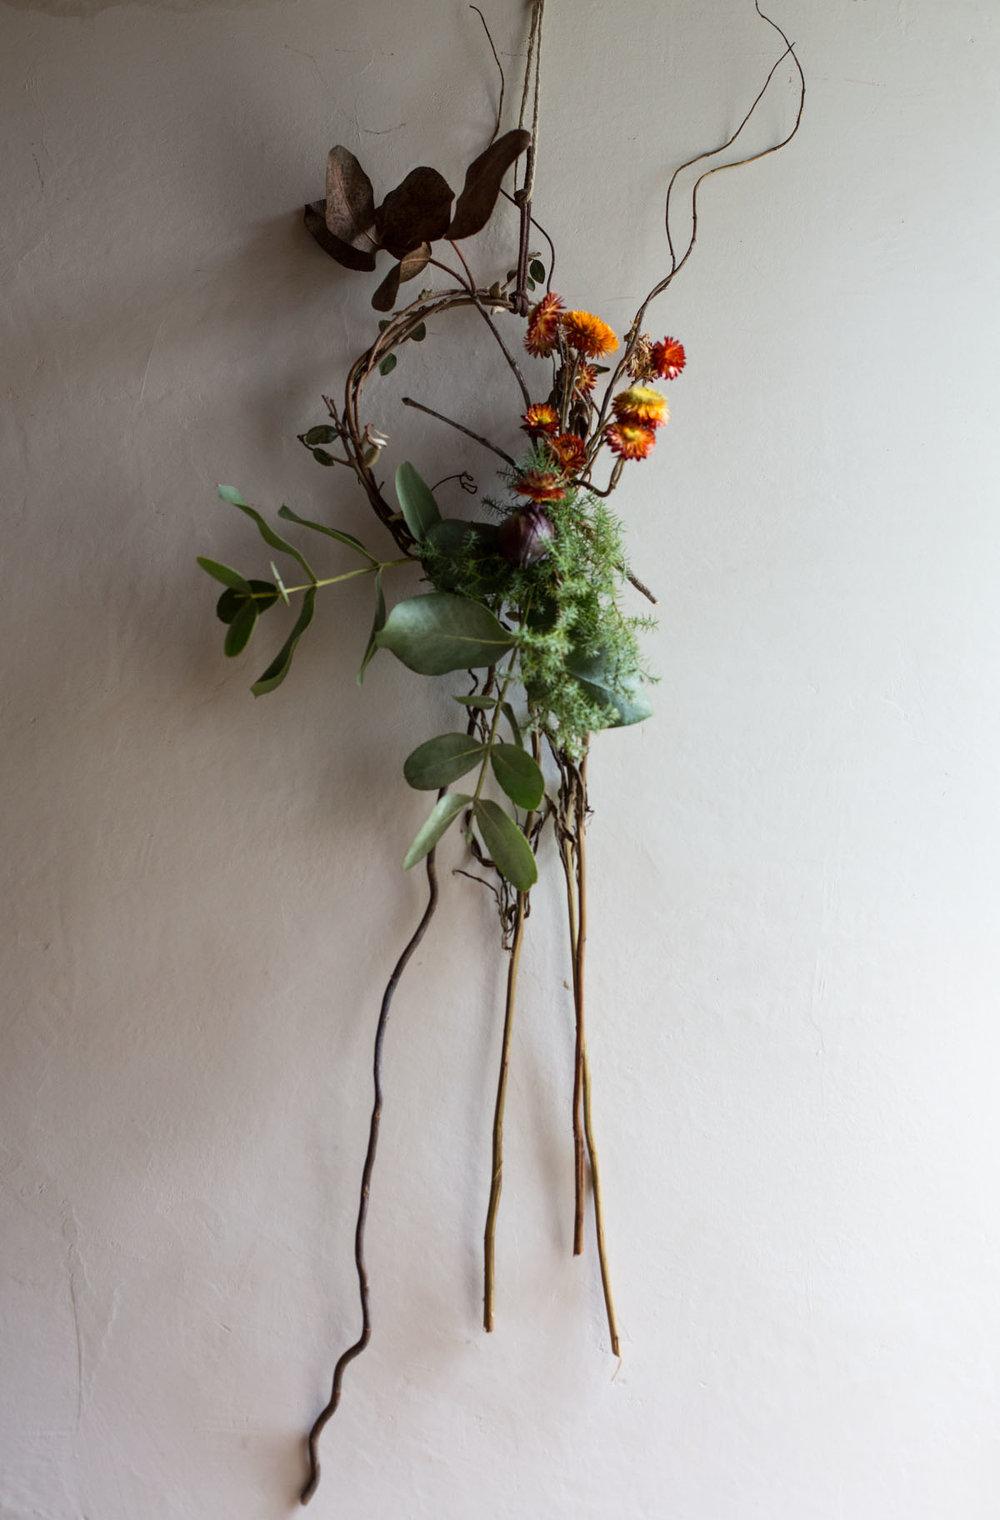 RA_dried wreaths-201612076634.jpg